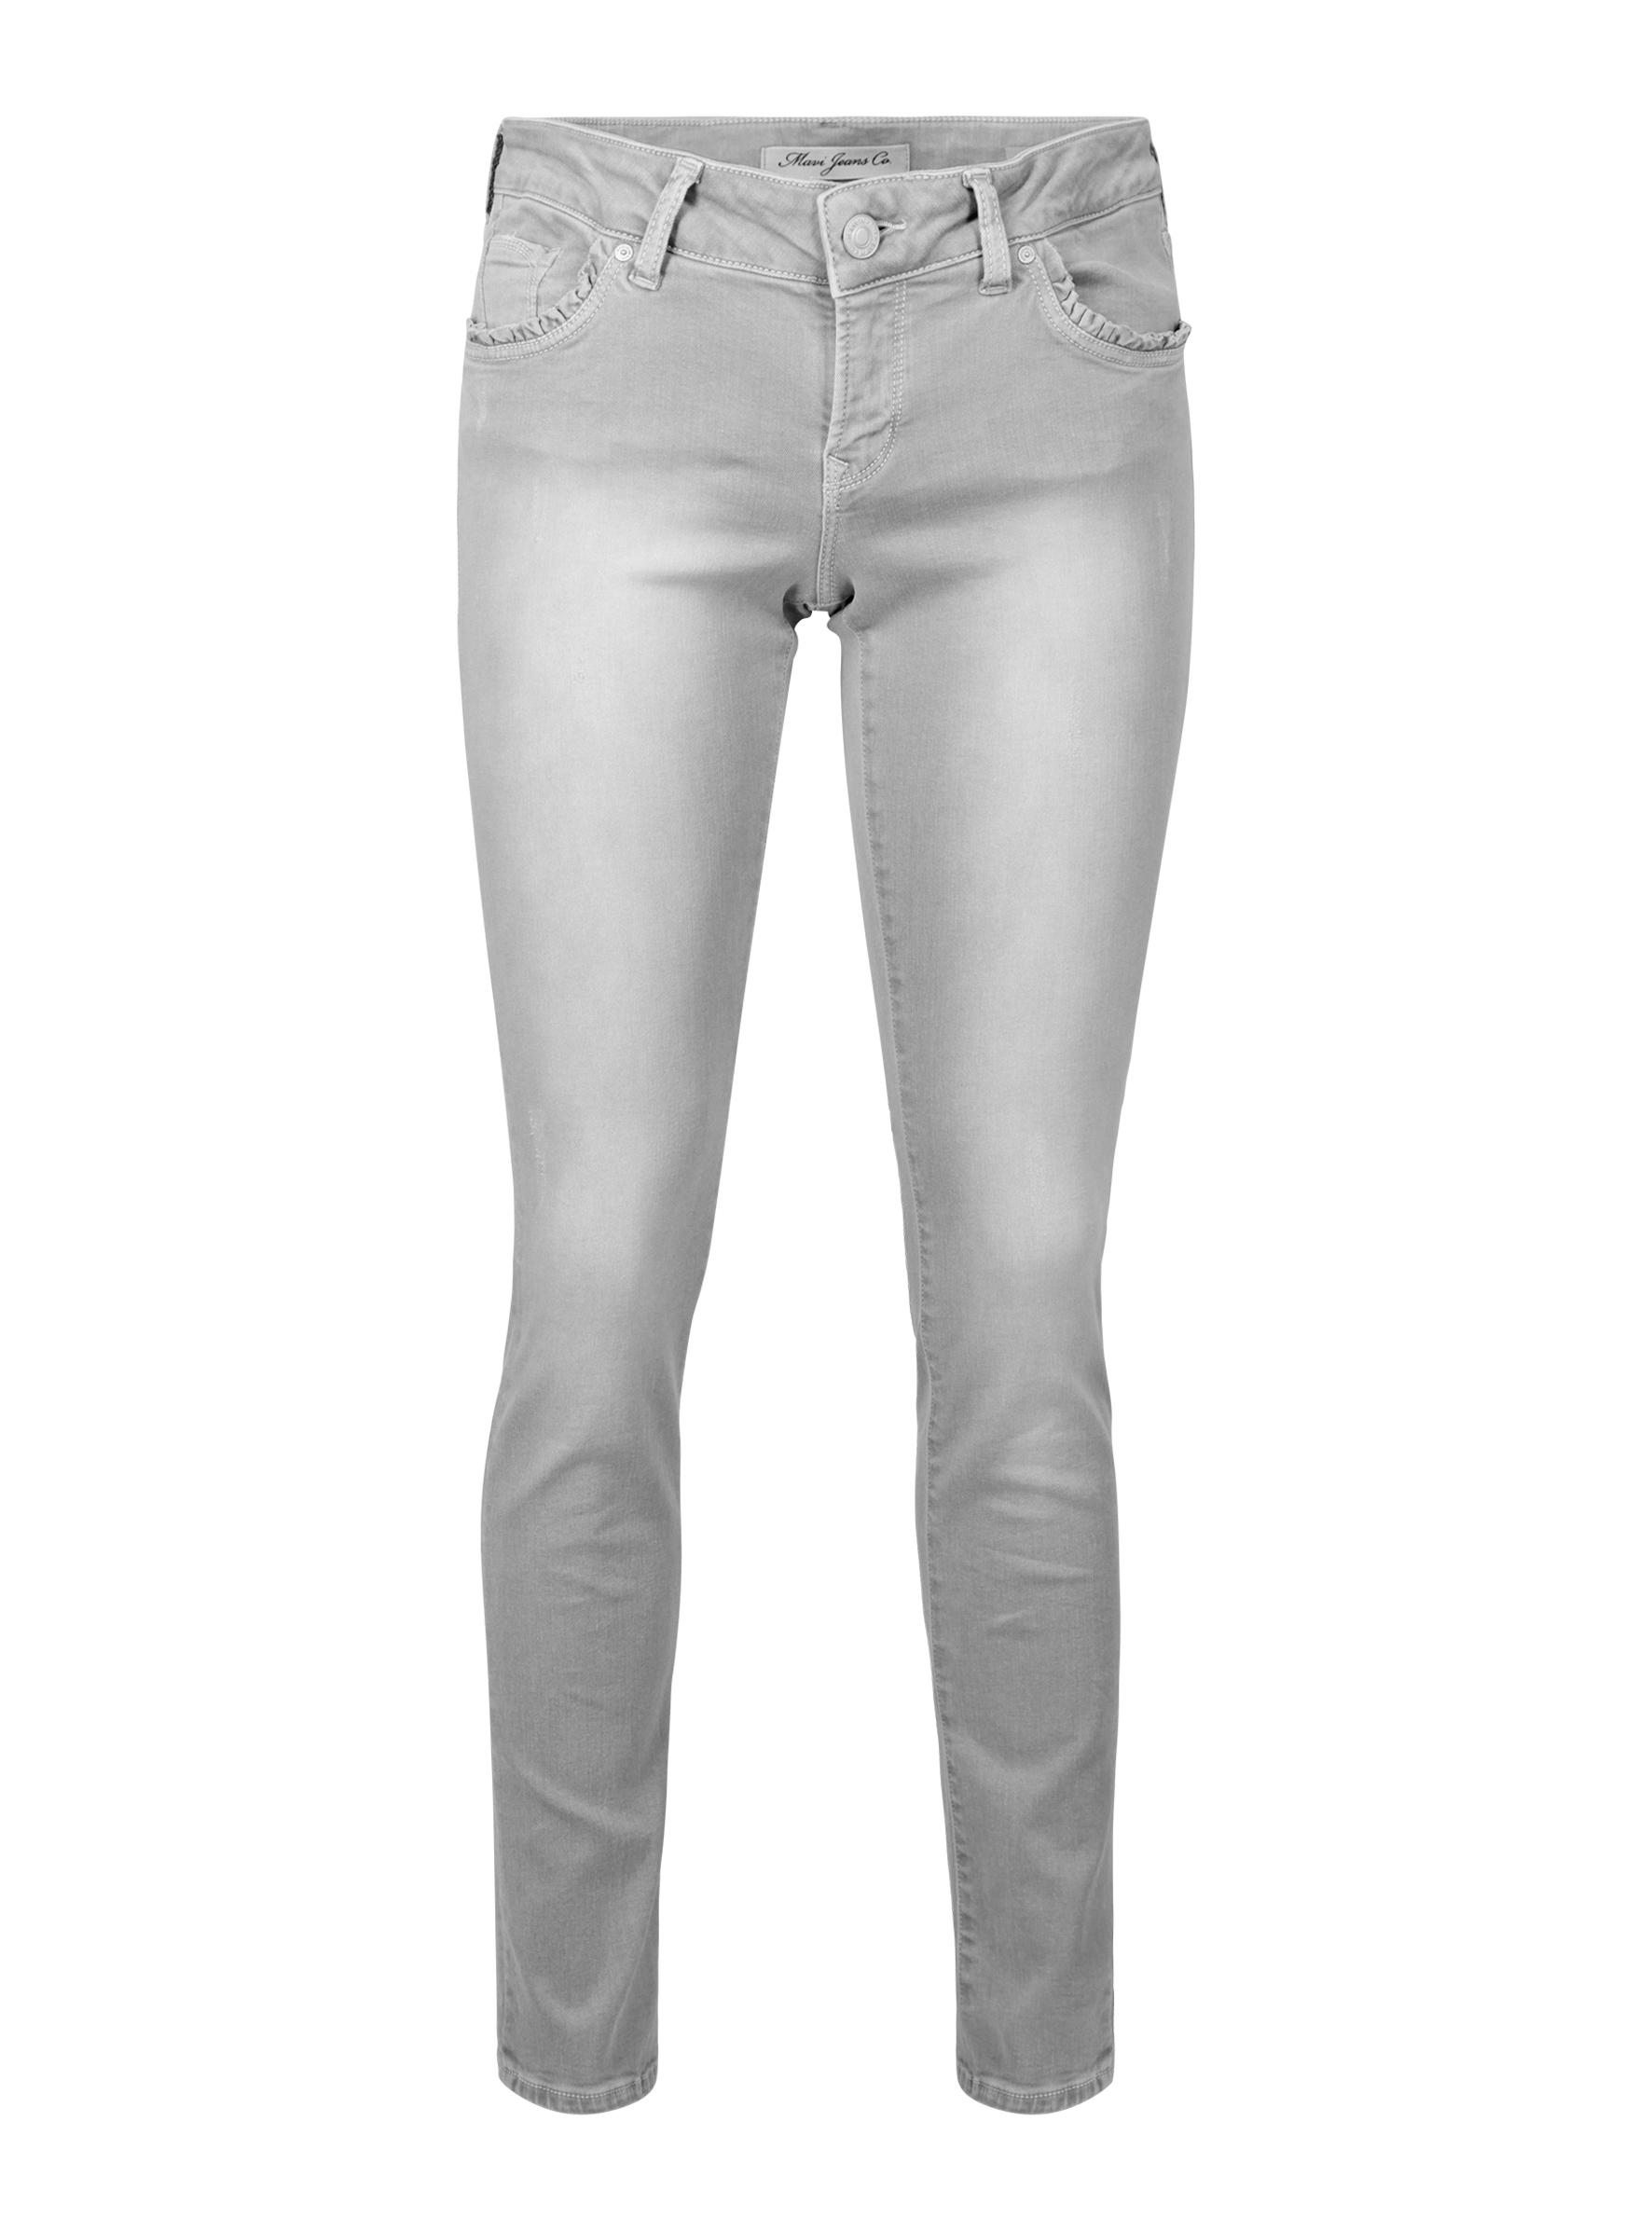 Klassik Fit Lindy in einer schlichten und zu allem kombinierbaren Waschung bei Mavi Jeans